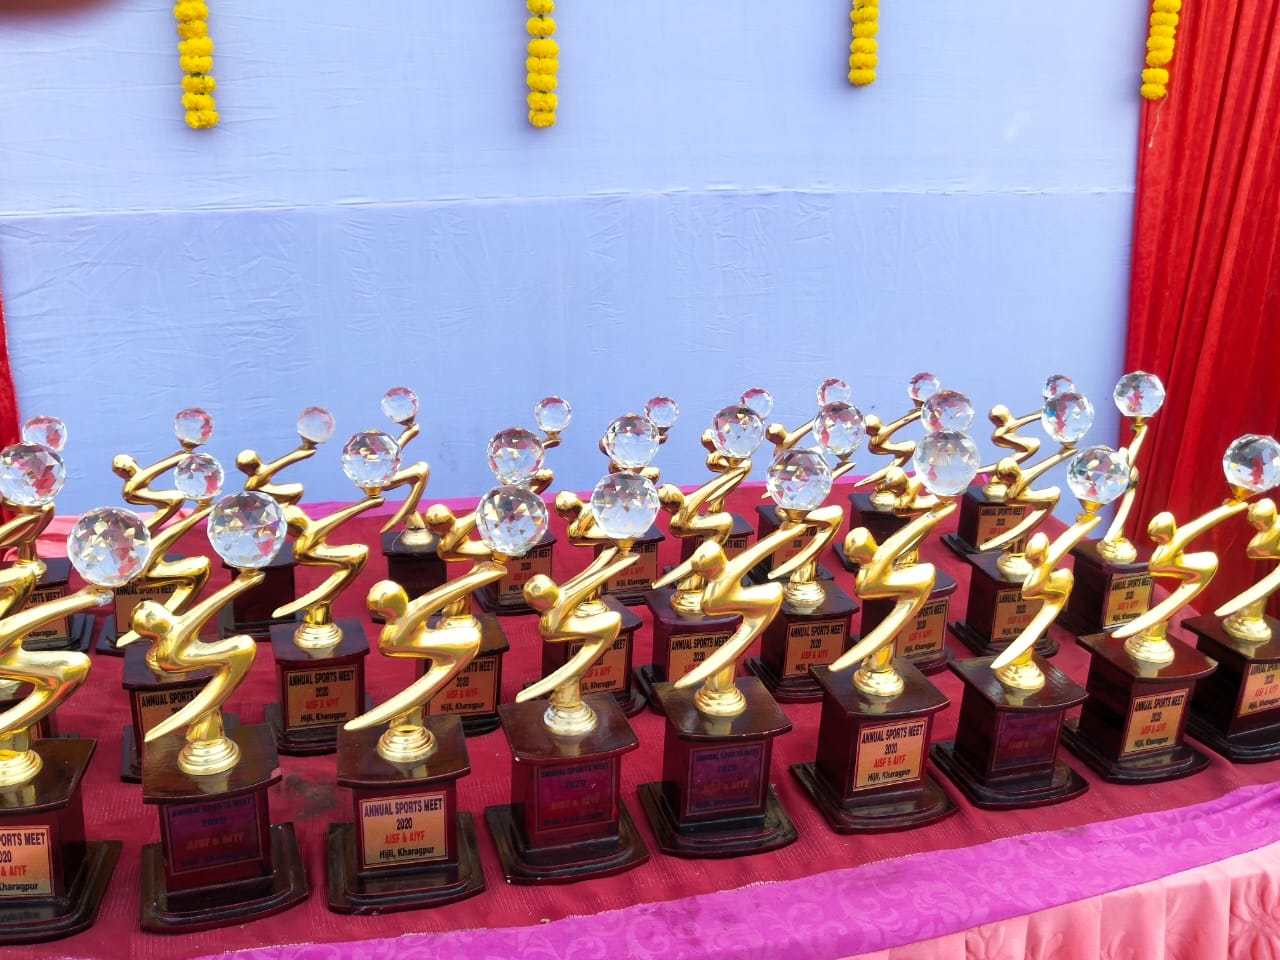 বর্ণাঢ্য আতসবাজি প্রদর্শনী দিয়ে শেষ হল খড়গপুরে ছাত্র যুবদের দিনরাতের ক্রীড়া প্রতিযোগিতা 5